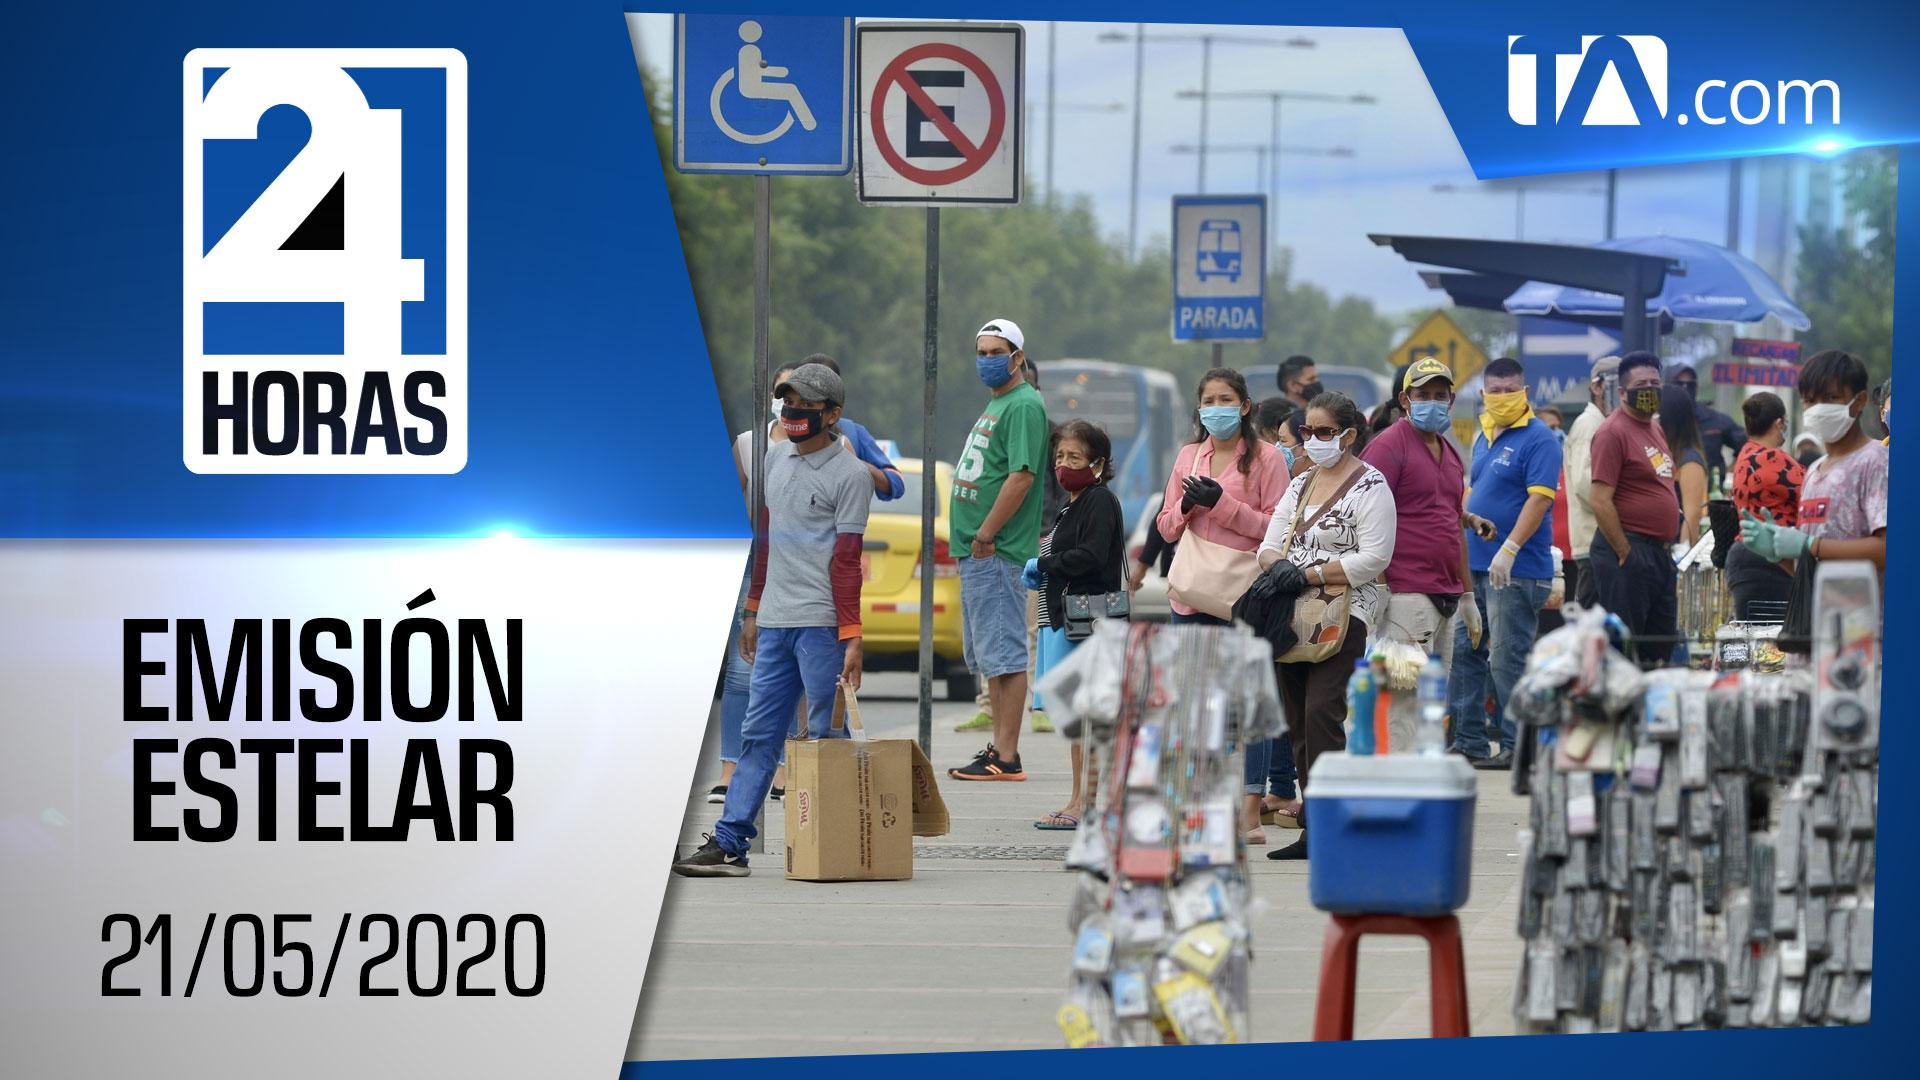 Noticias Ecuador: Noticiero 24 Horas, 21/05/2020 (Emisión Estelar)